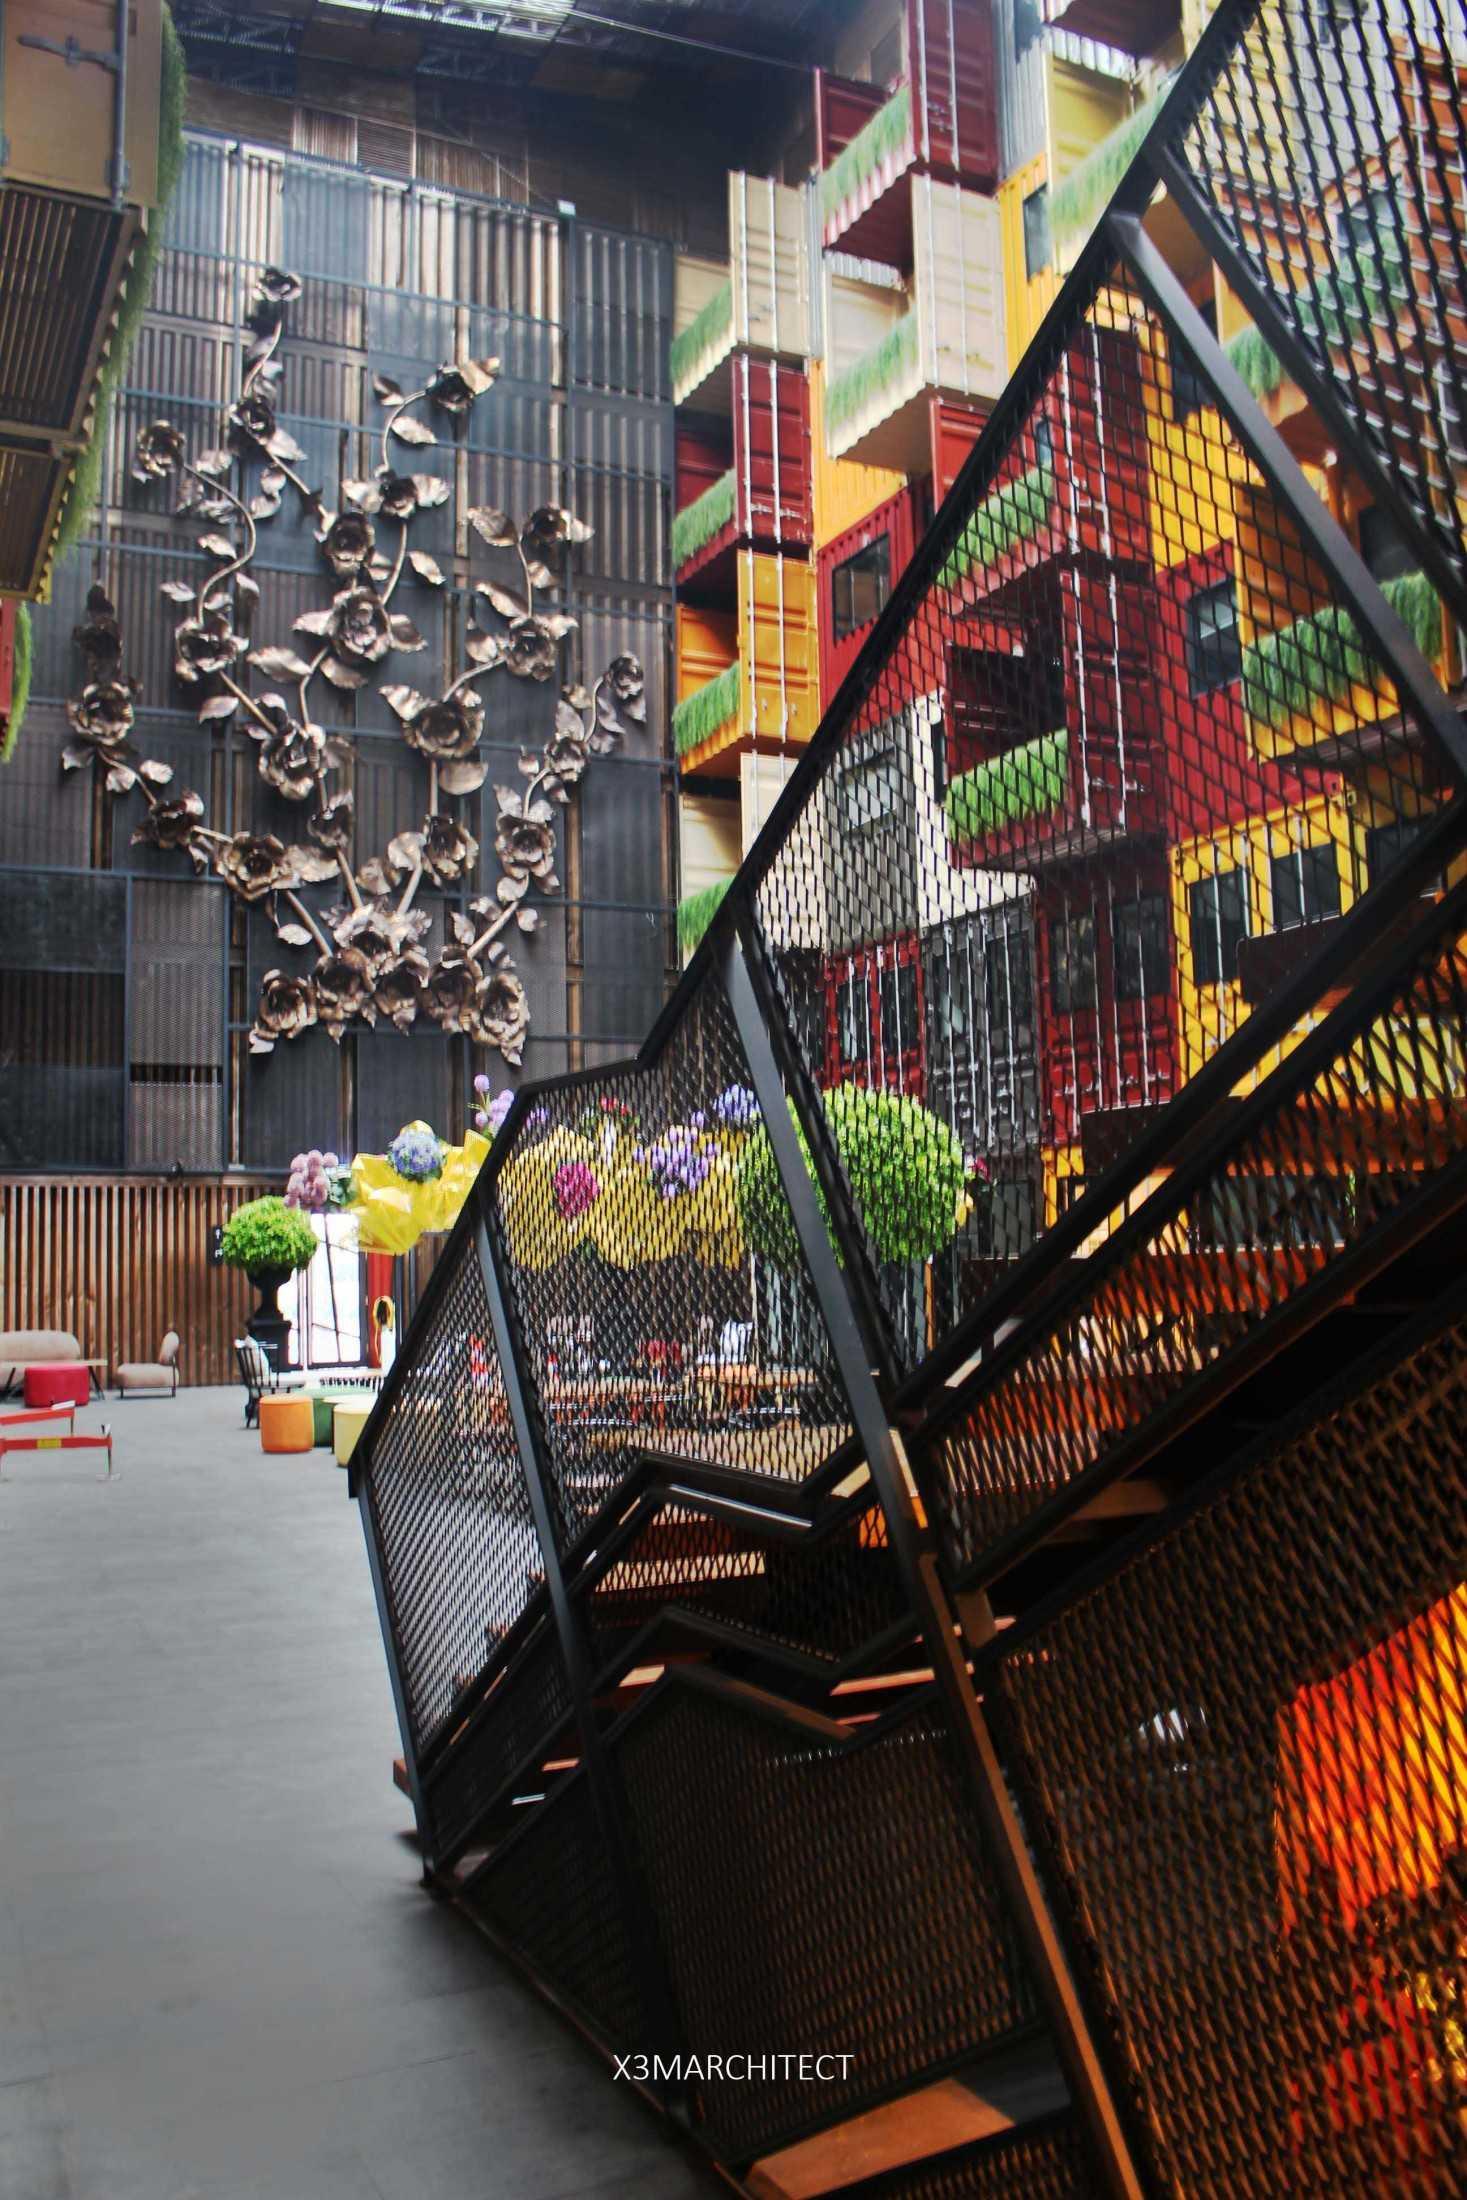 X3M Architects Qubika Hotel Medang, Kec. Pagedangan, Tangerang, Banten 15334, Indonesia Medang, Kec. Pagedangan, Tangerang, Banten 15334, Indonesia X3M-Architects-Qubika-Hotel  94826